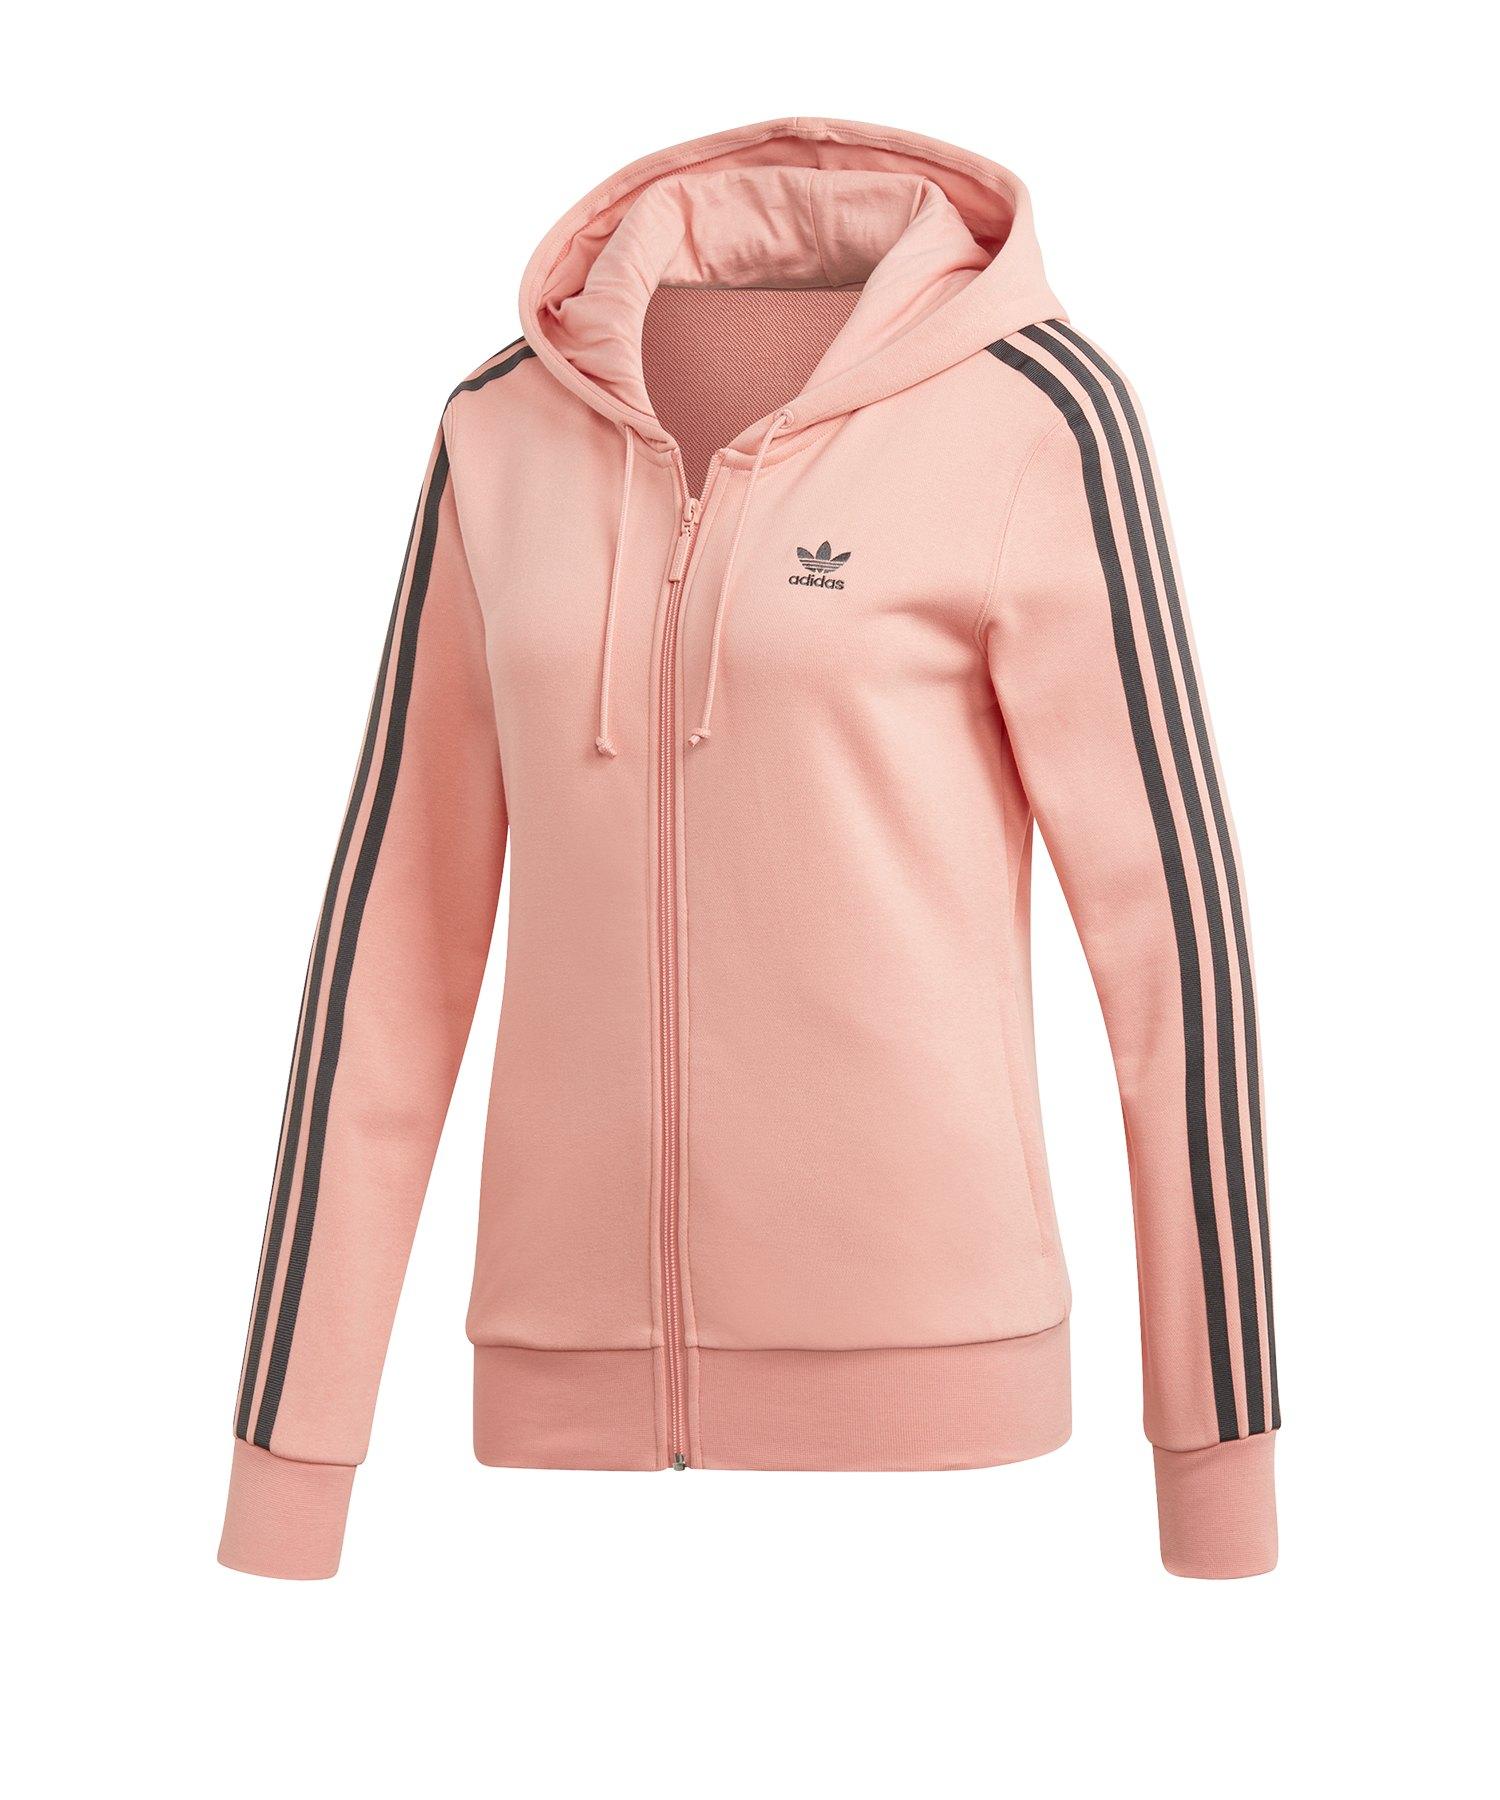 hochwertige Materialien das billigste Trennschuhe adidas Originals Kapuzenjacke Damen Rosa